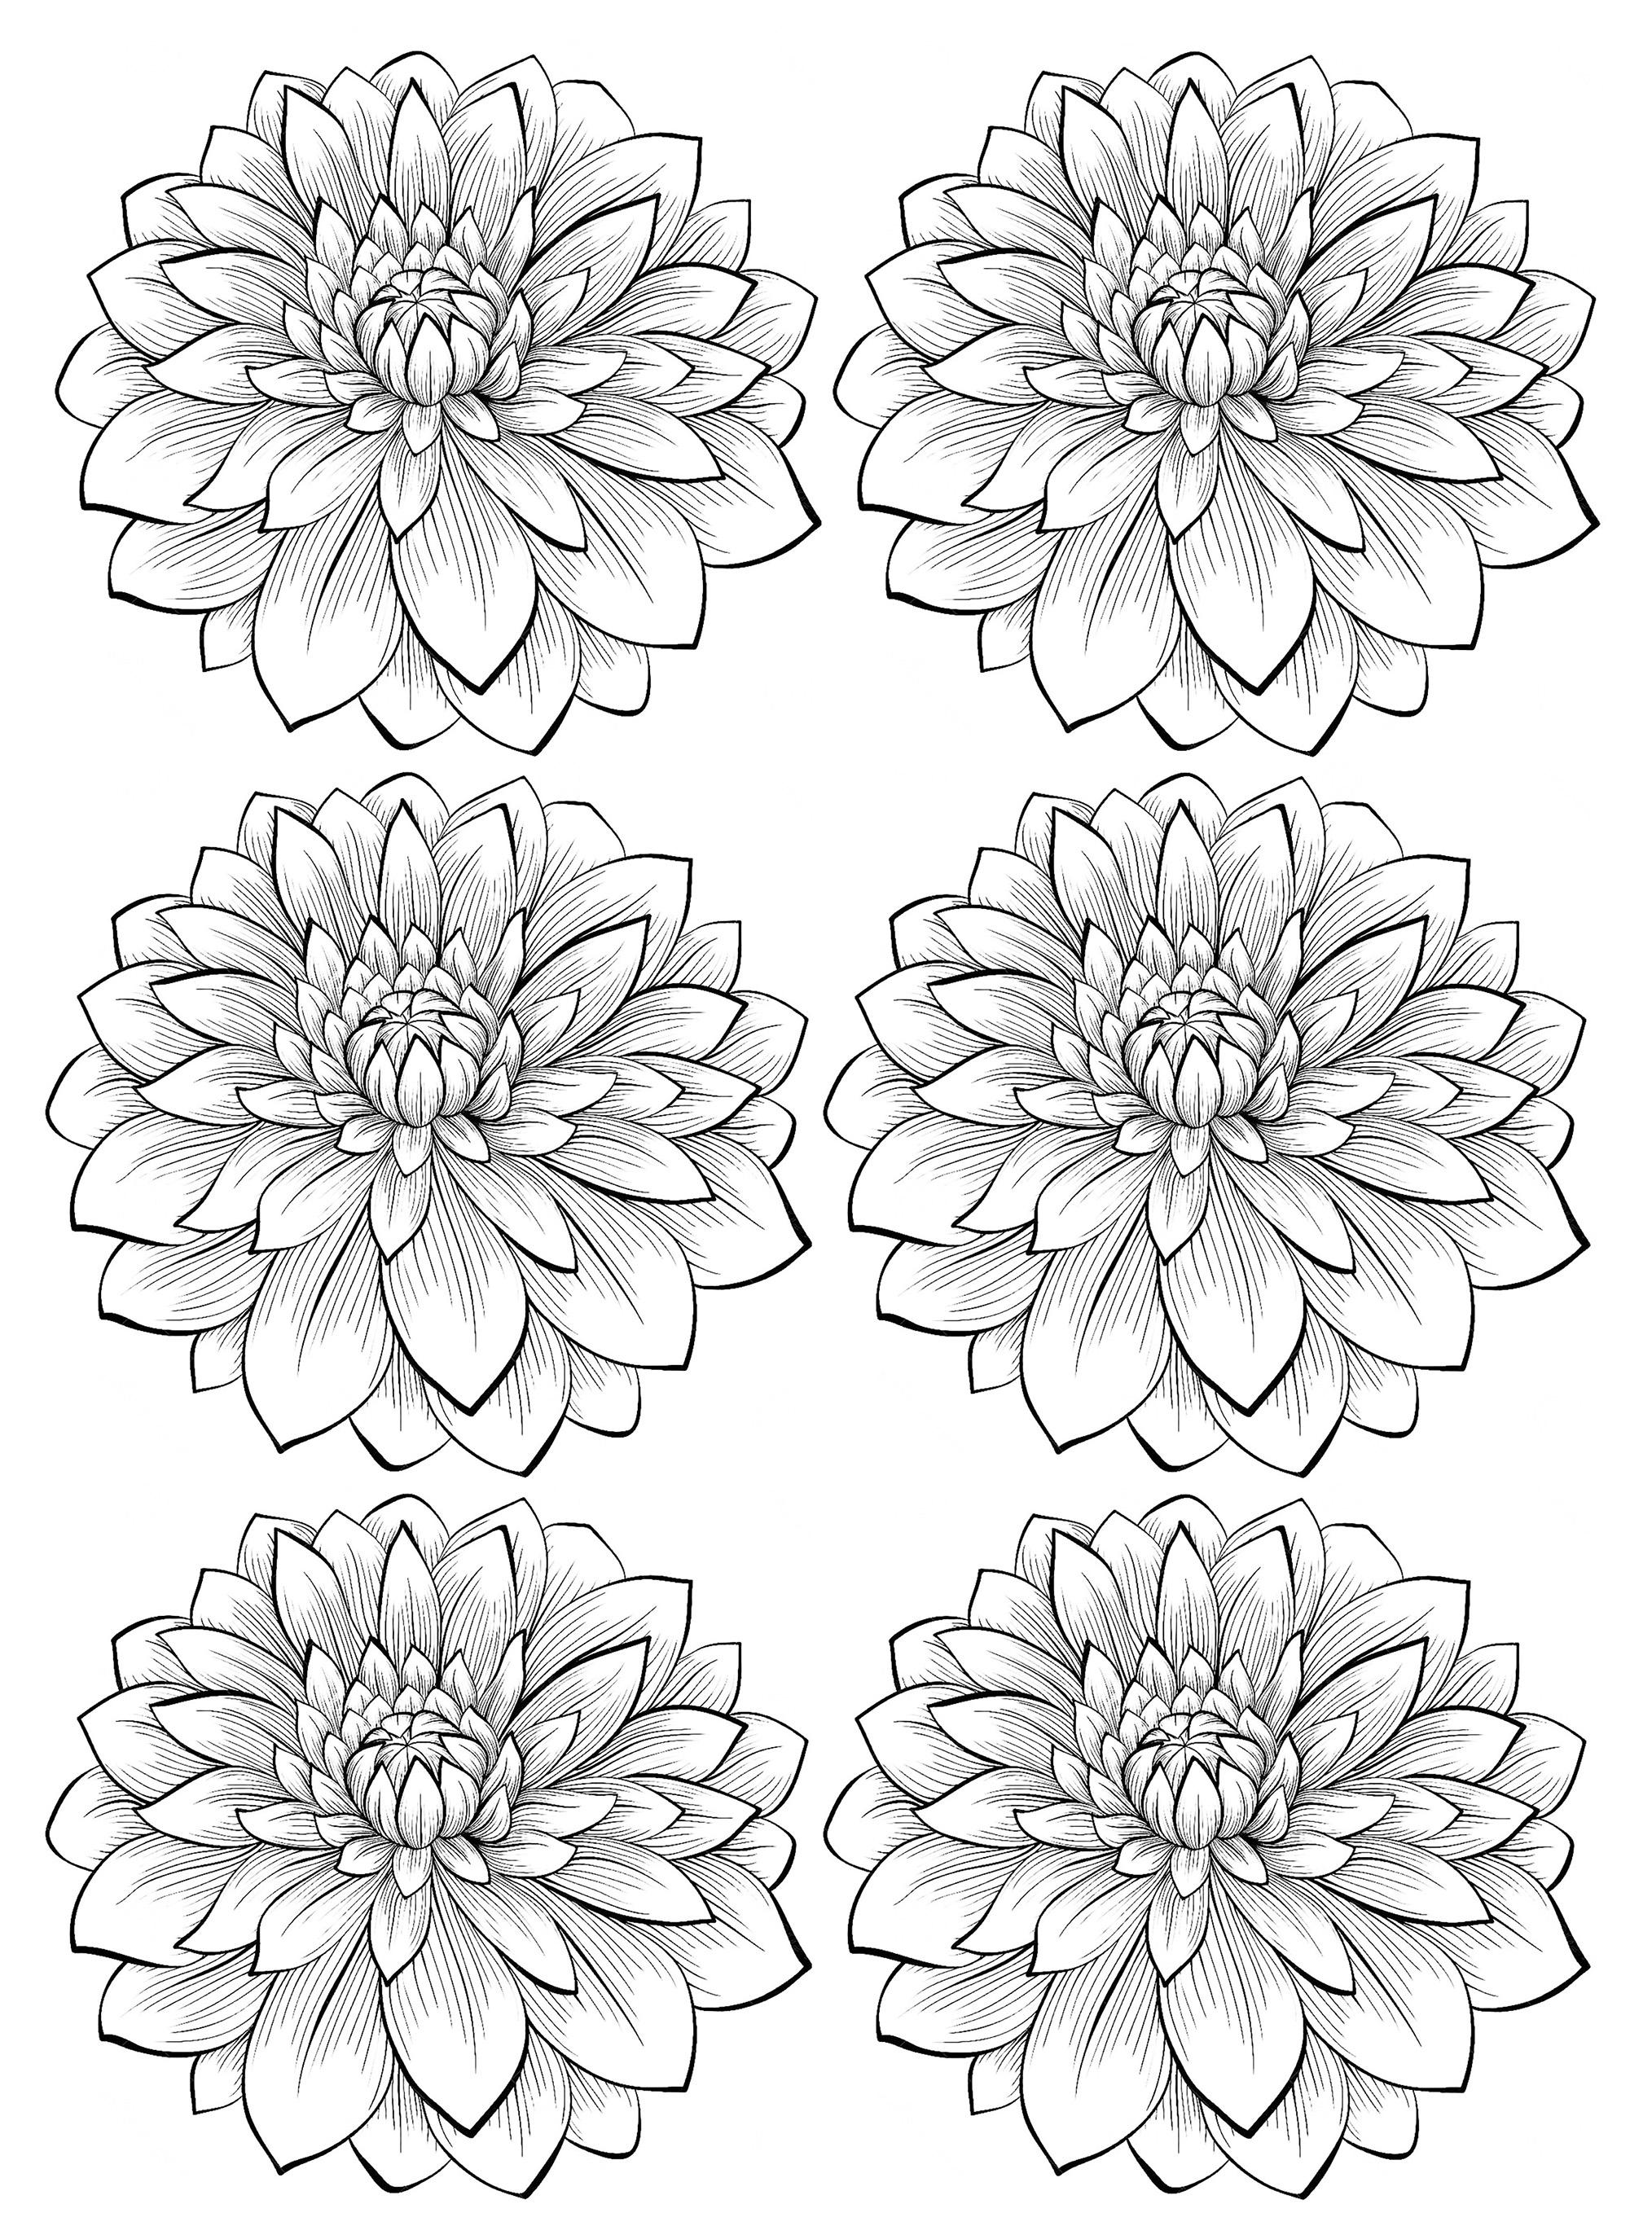 Disegni da colorare per adulti : Fiori e vegetazione - 71